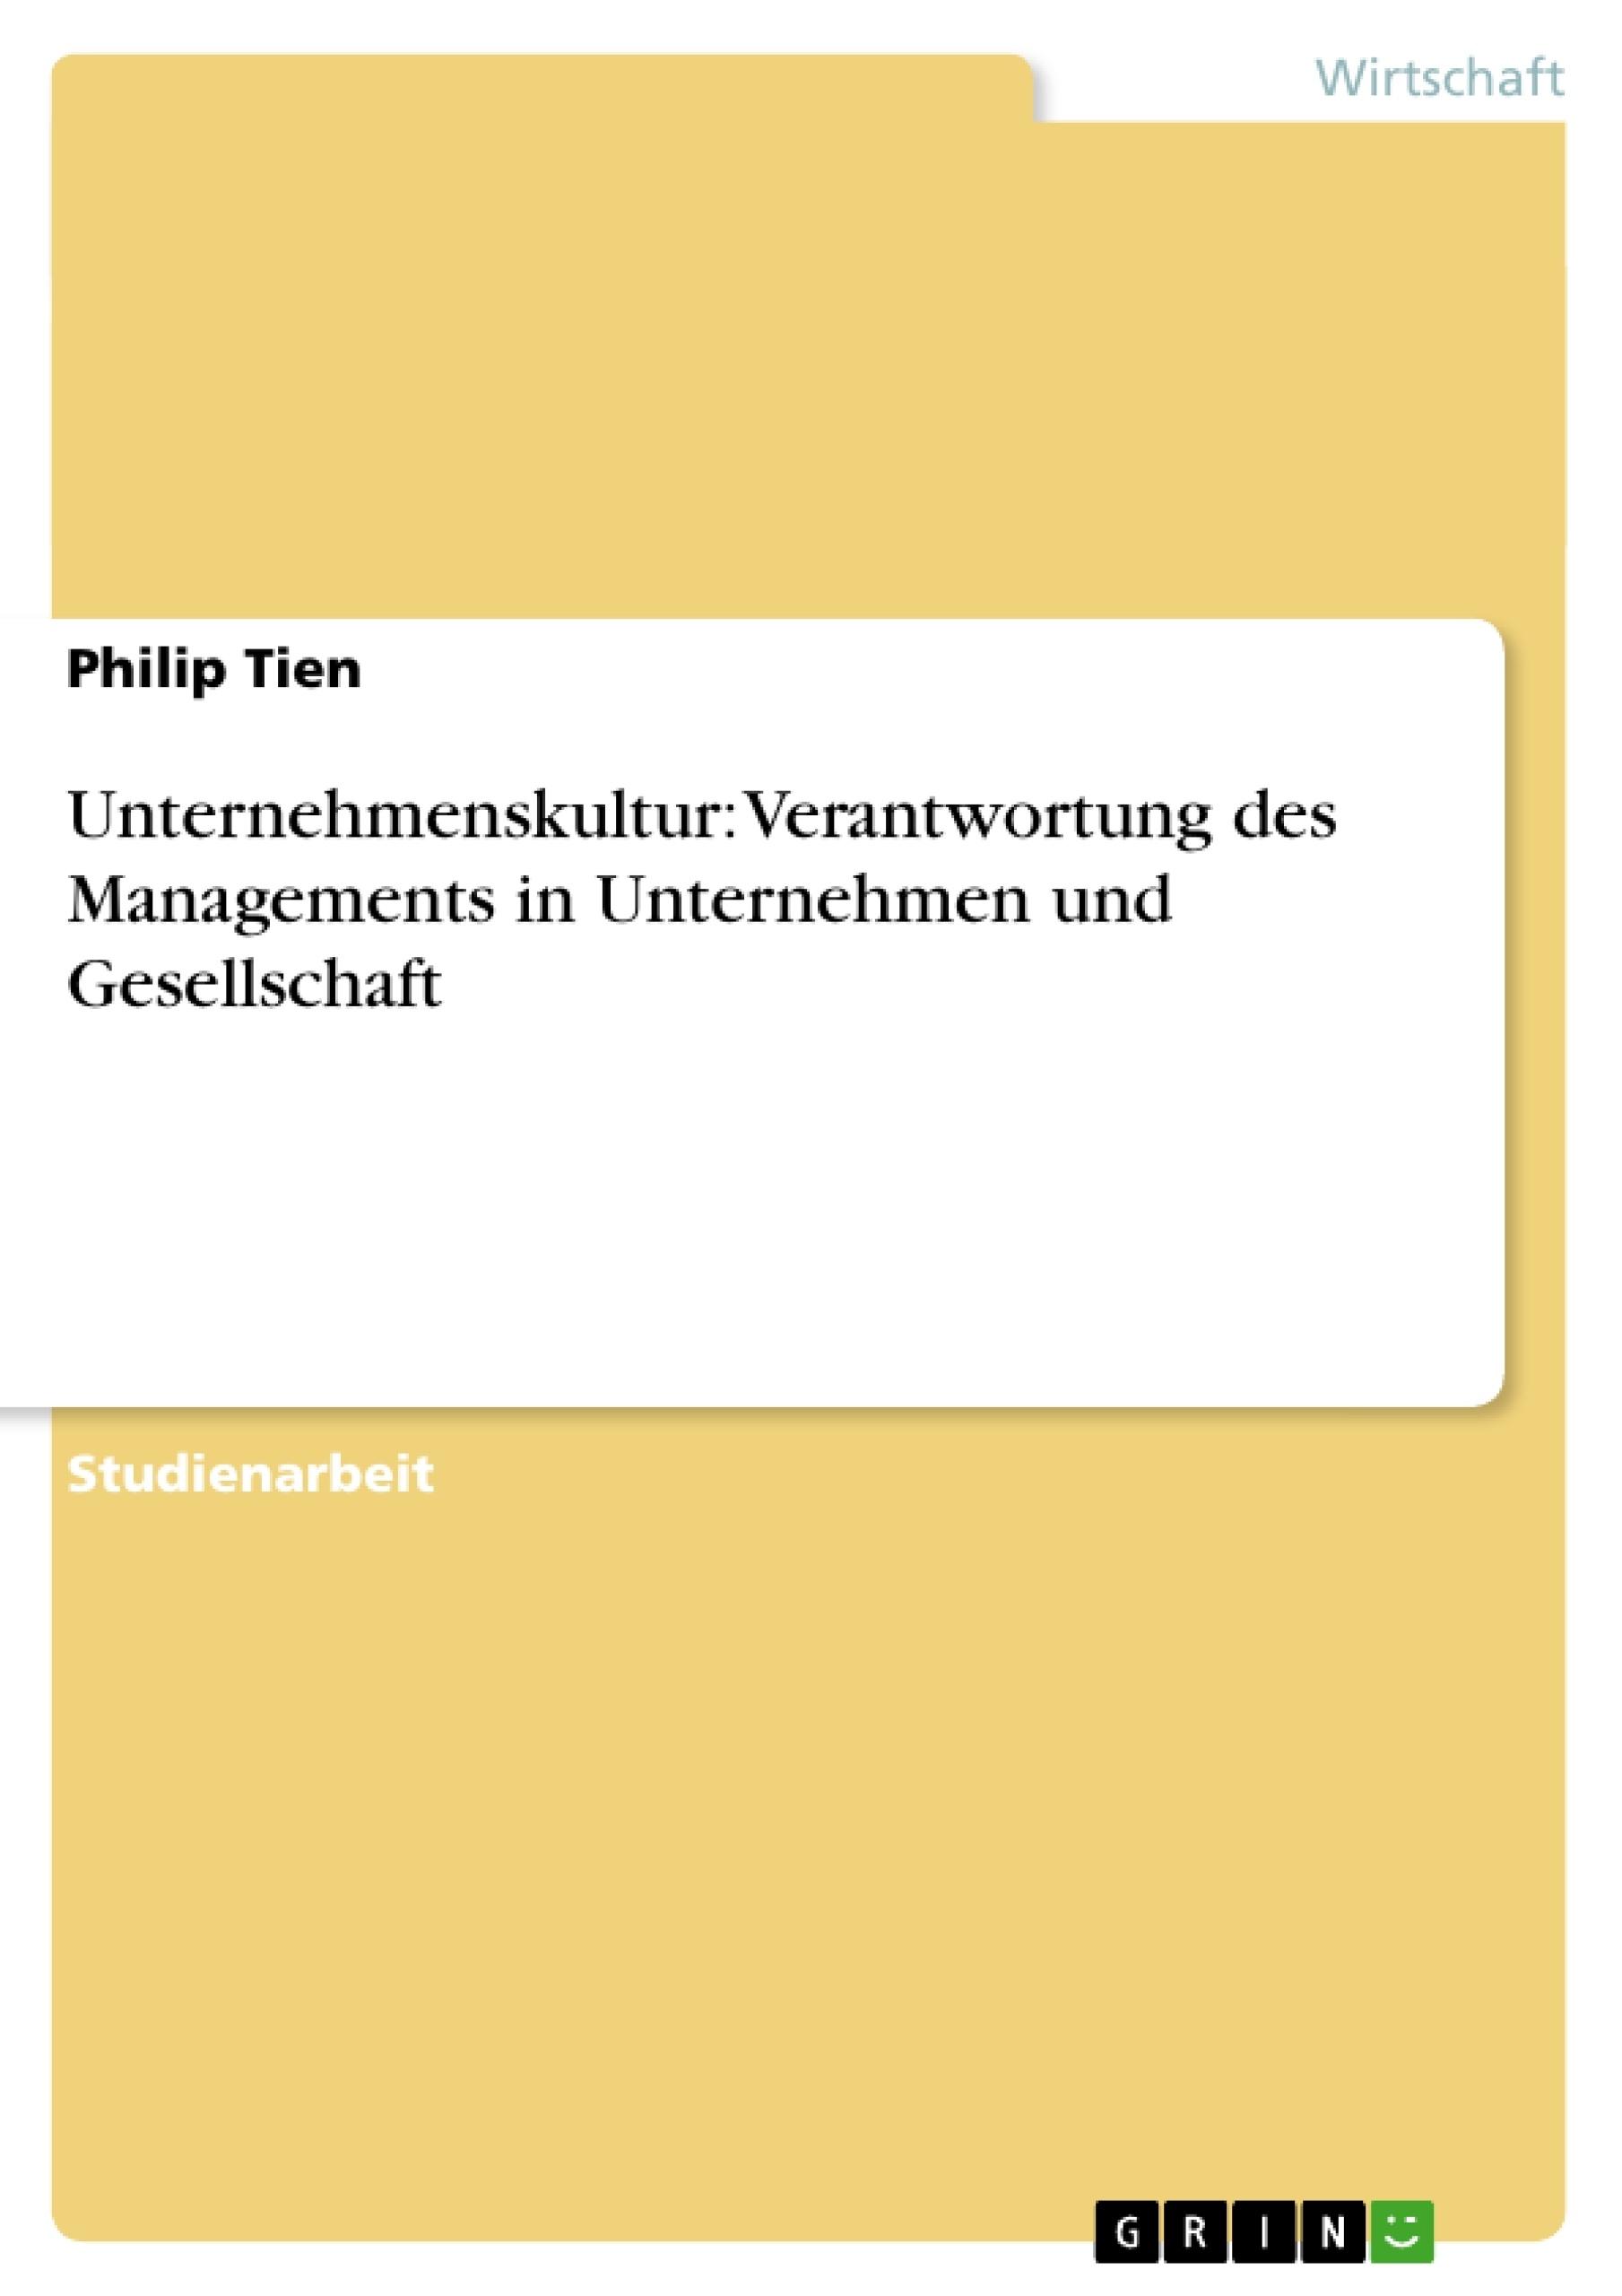 Titel: Unternehmenskultur: Verantwortung des Managements in Unternehmen und Gesellschaft